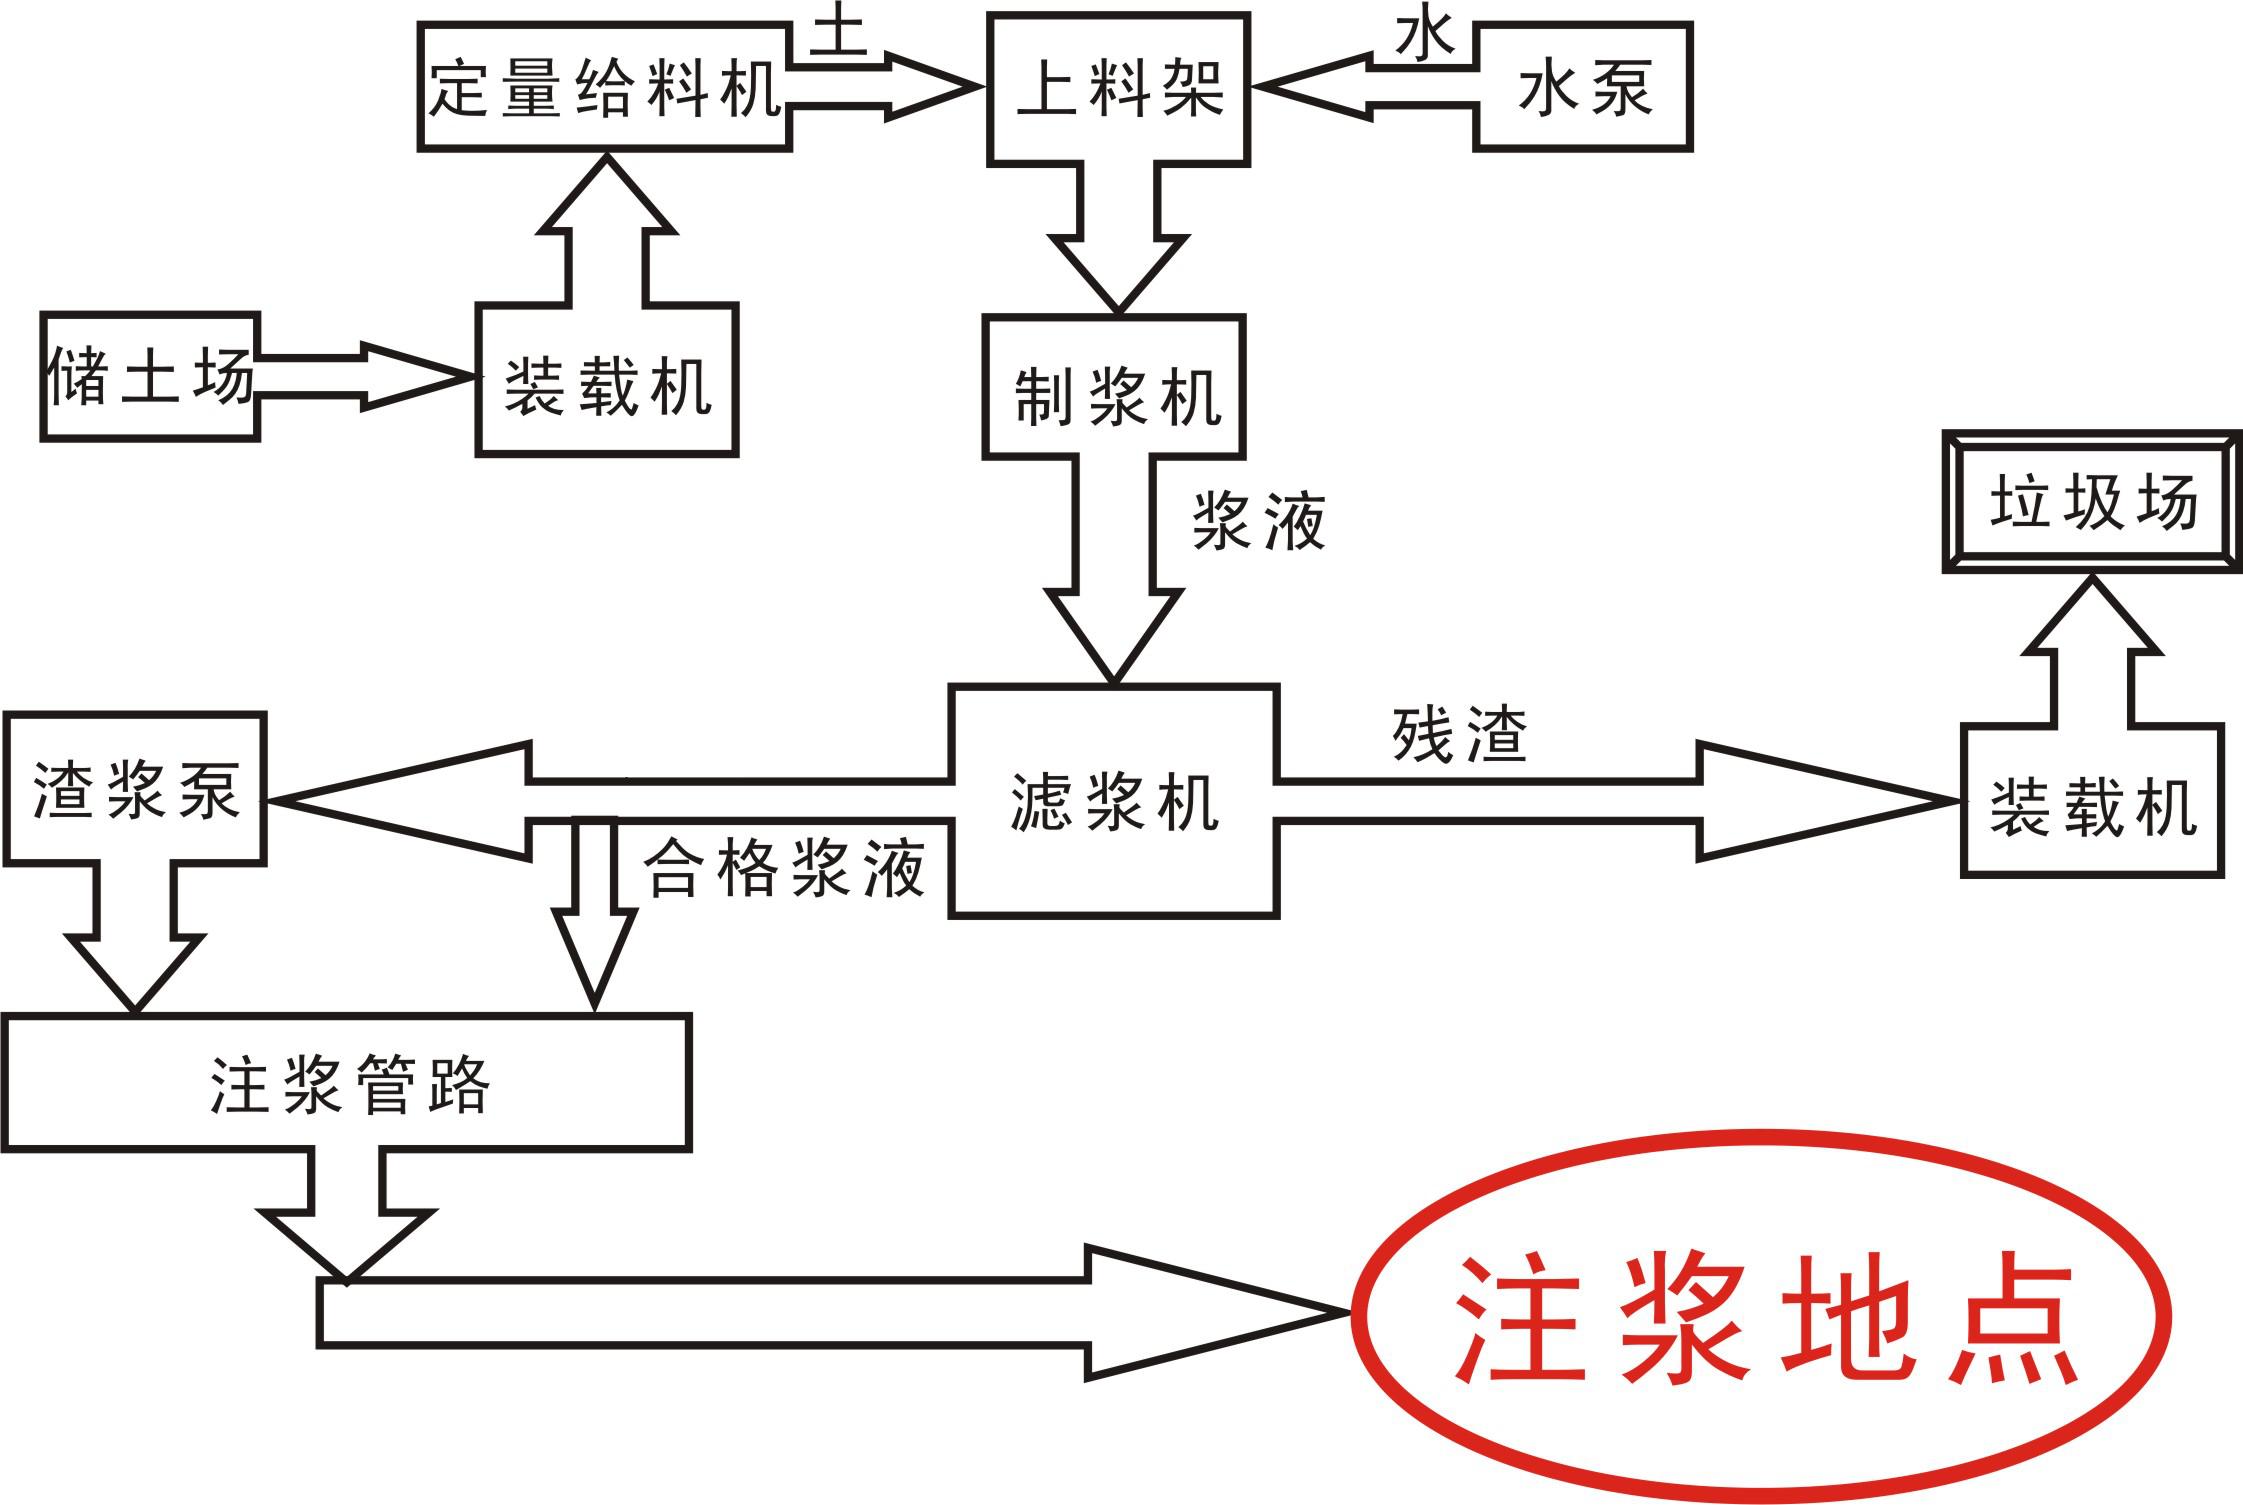 粘土制浆系统应用工艺